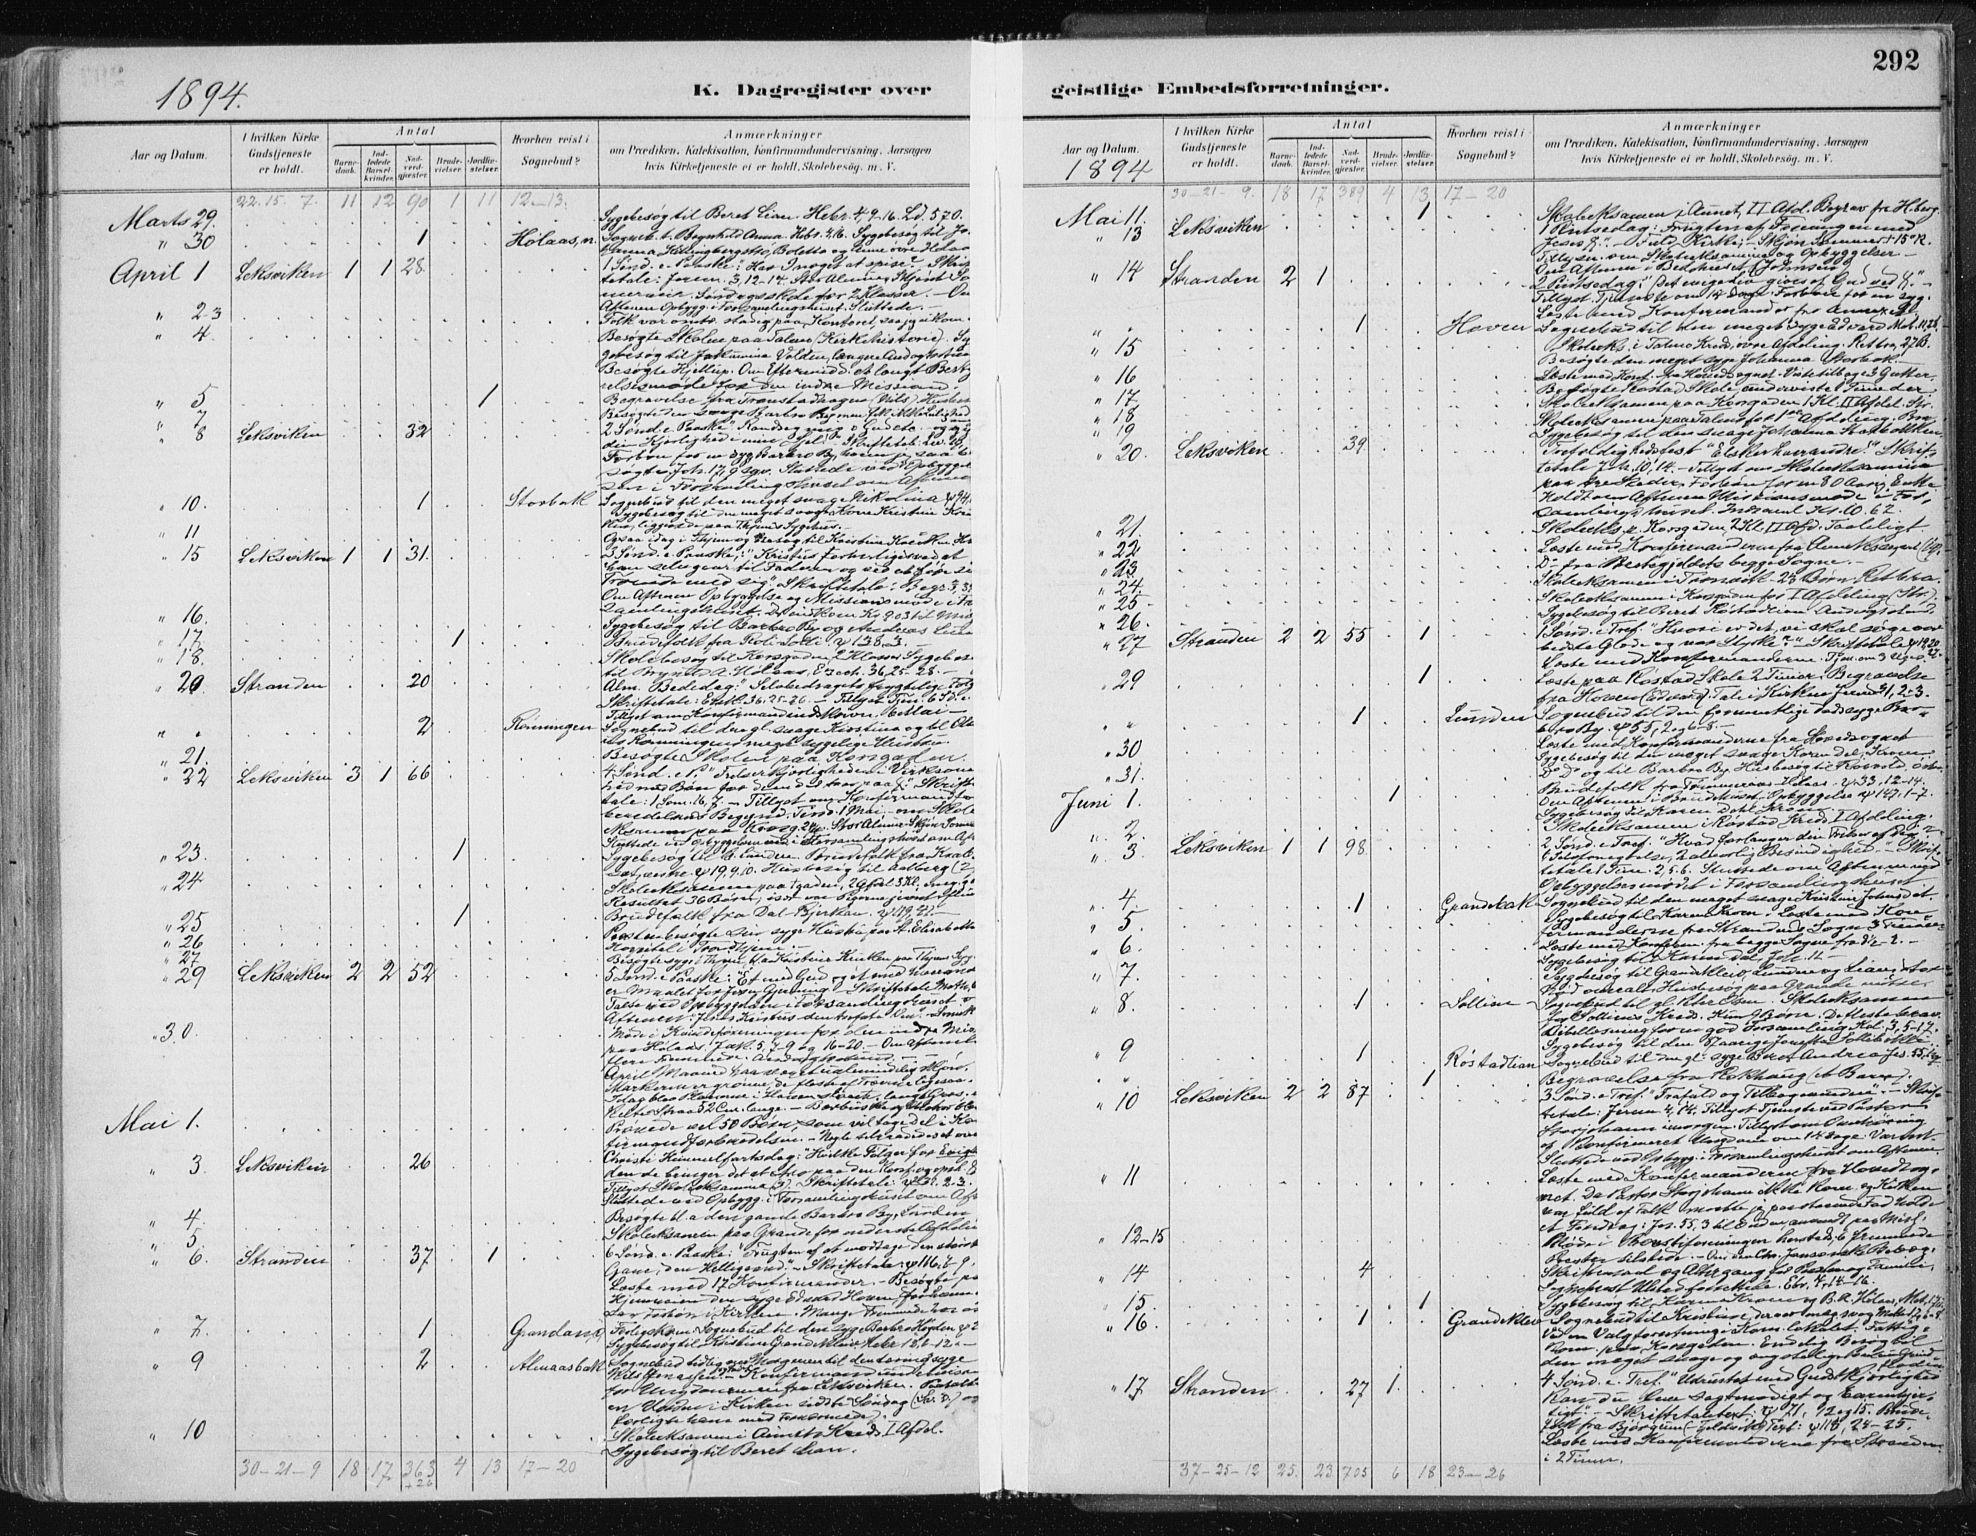 SAT, Ministerialprotokoller, klokkerbøker og fødselsregistre - Nord-Trøndelag, 701/L0010: Ministerialbok nr. 701A10, 1883-1899, s. 292